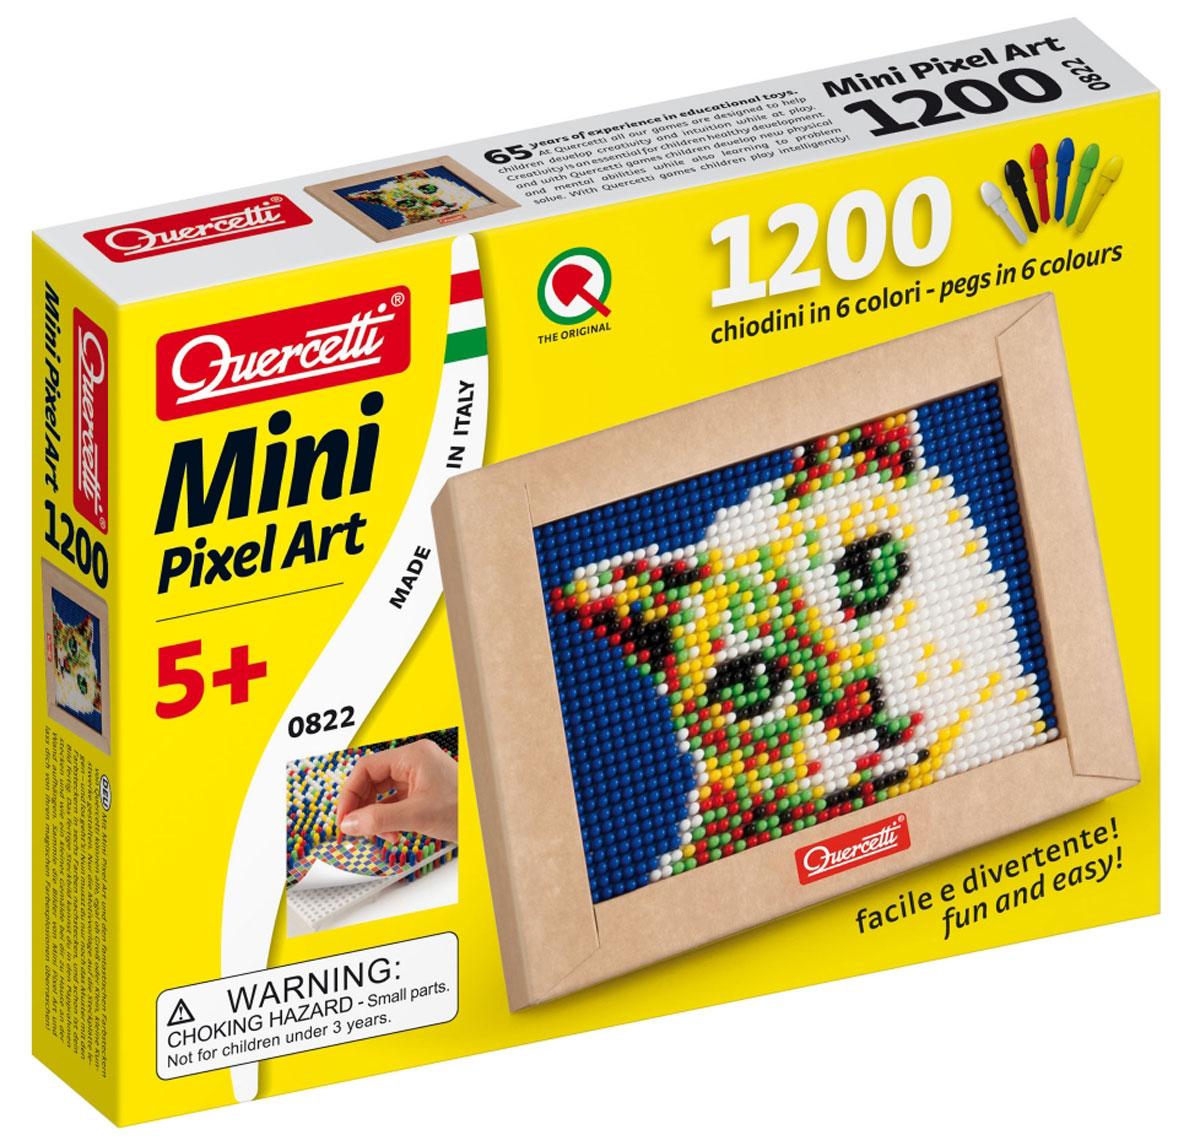 Quercetti Пиксельная мозаика Кошечка822Пиксельная мозаика Quercetti Кошечка непременно понравится вашему ребенку. С пиксельной мозаикой ваши дети могут создавать настоящие картины. Набор включает в себя пластиковое игровое поле, картонную рамку, цветную схему и 1200 элементов мозаики 6 цветов (белого, черного, красного, синего, желтого и зеленого). Просто положите цветную схему на рабочее поле и начинайте втыкать гвоздики соответствующего цвета. После заполнения всего поля мозаику можно вставить в картонную рамочку и повесить на стену, как настоящую картину. Собирание мозаики развивает у детей творческие способности, внимание, усидчивость и мелкую моторику. Порадуйте своего ребенка таким замечательным подарком!